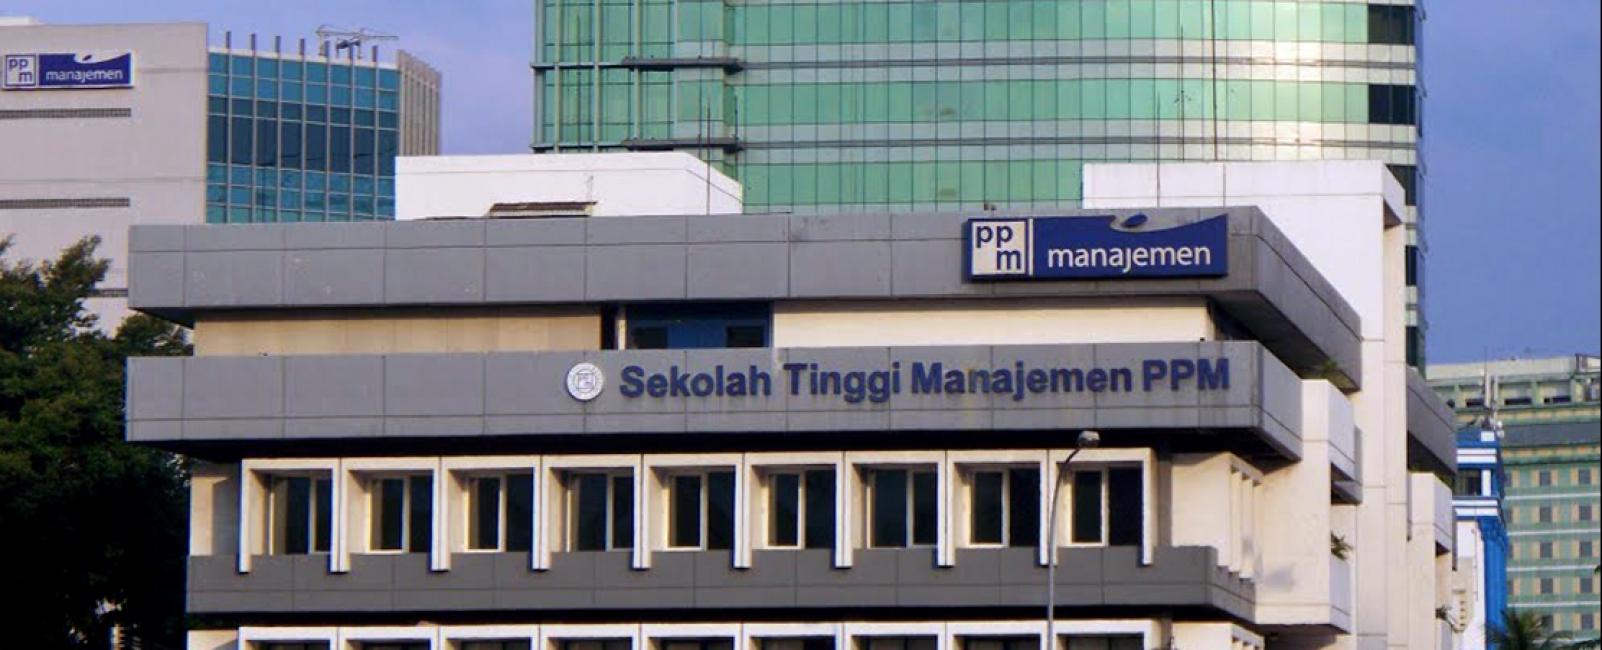 Sekolah Tinggi Manajemen PPM